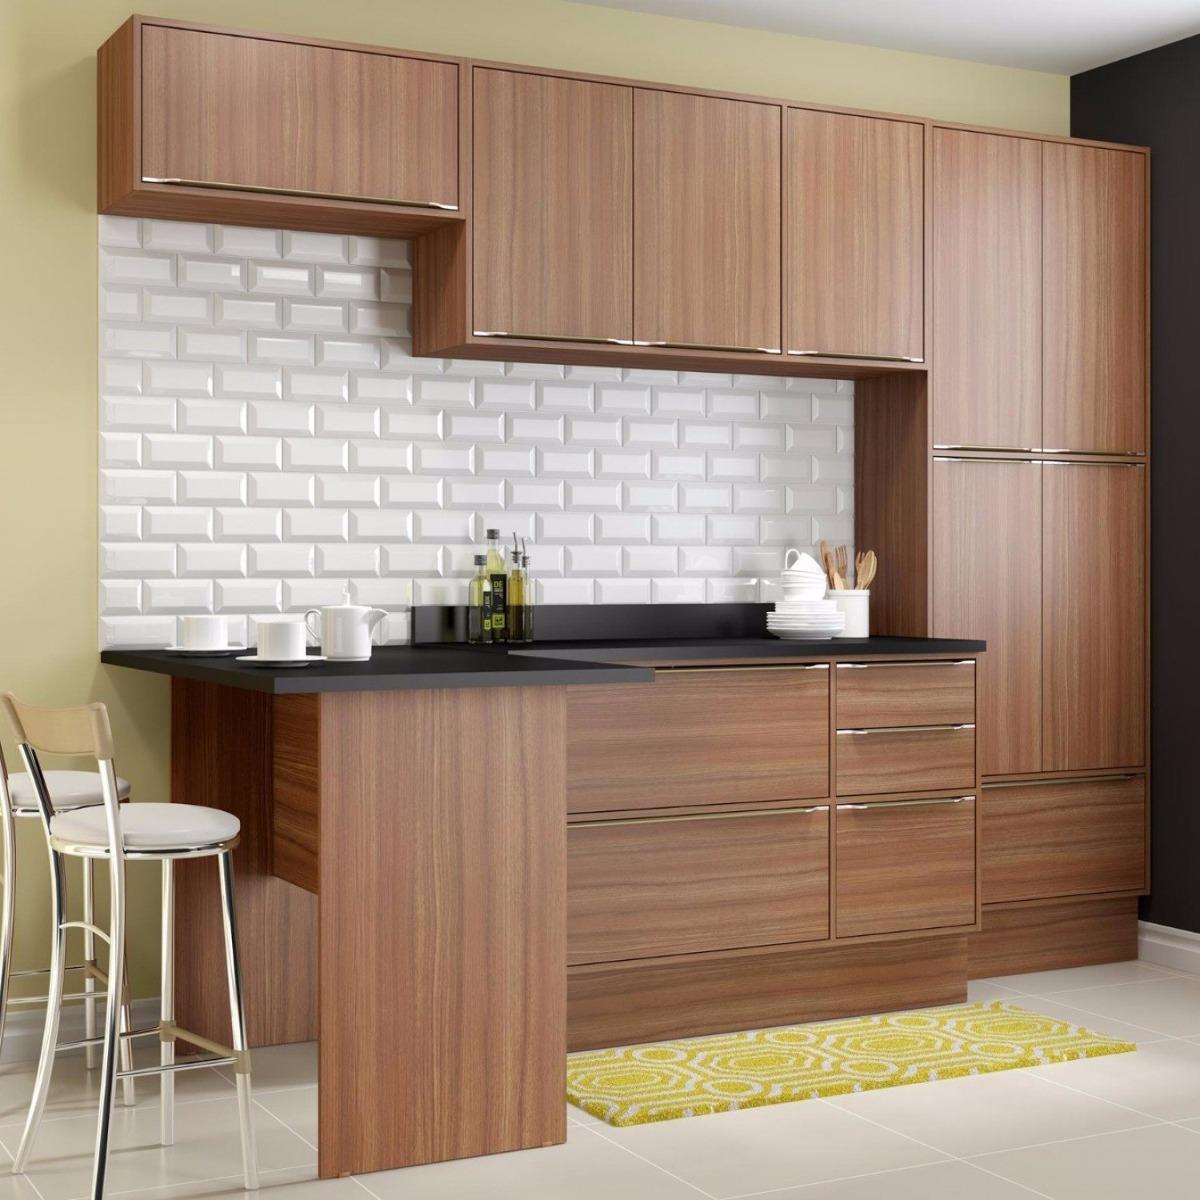 Cozinha Completa 8 M Dulos 11 Portas Cal Bria E R 1 739 90 Em